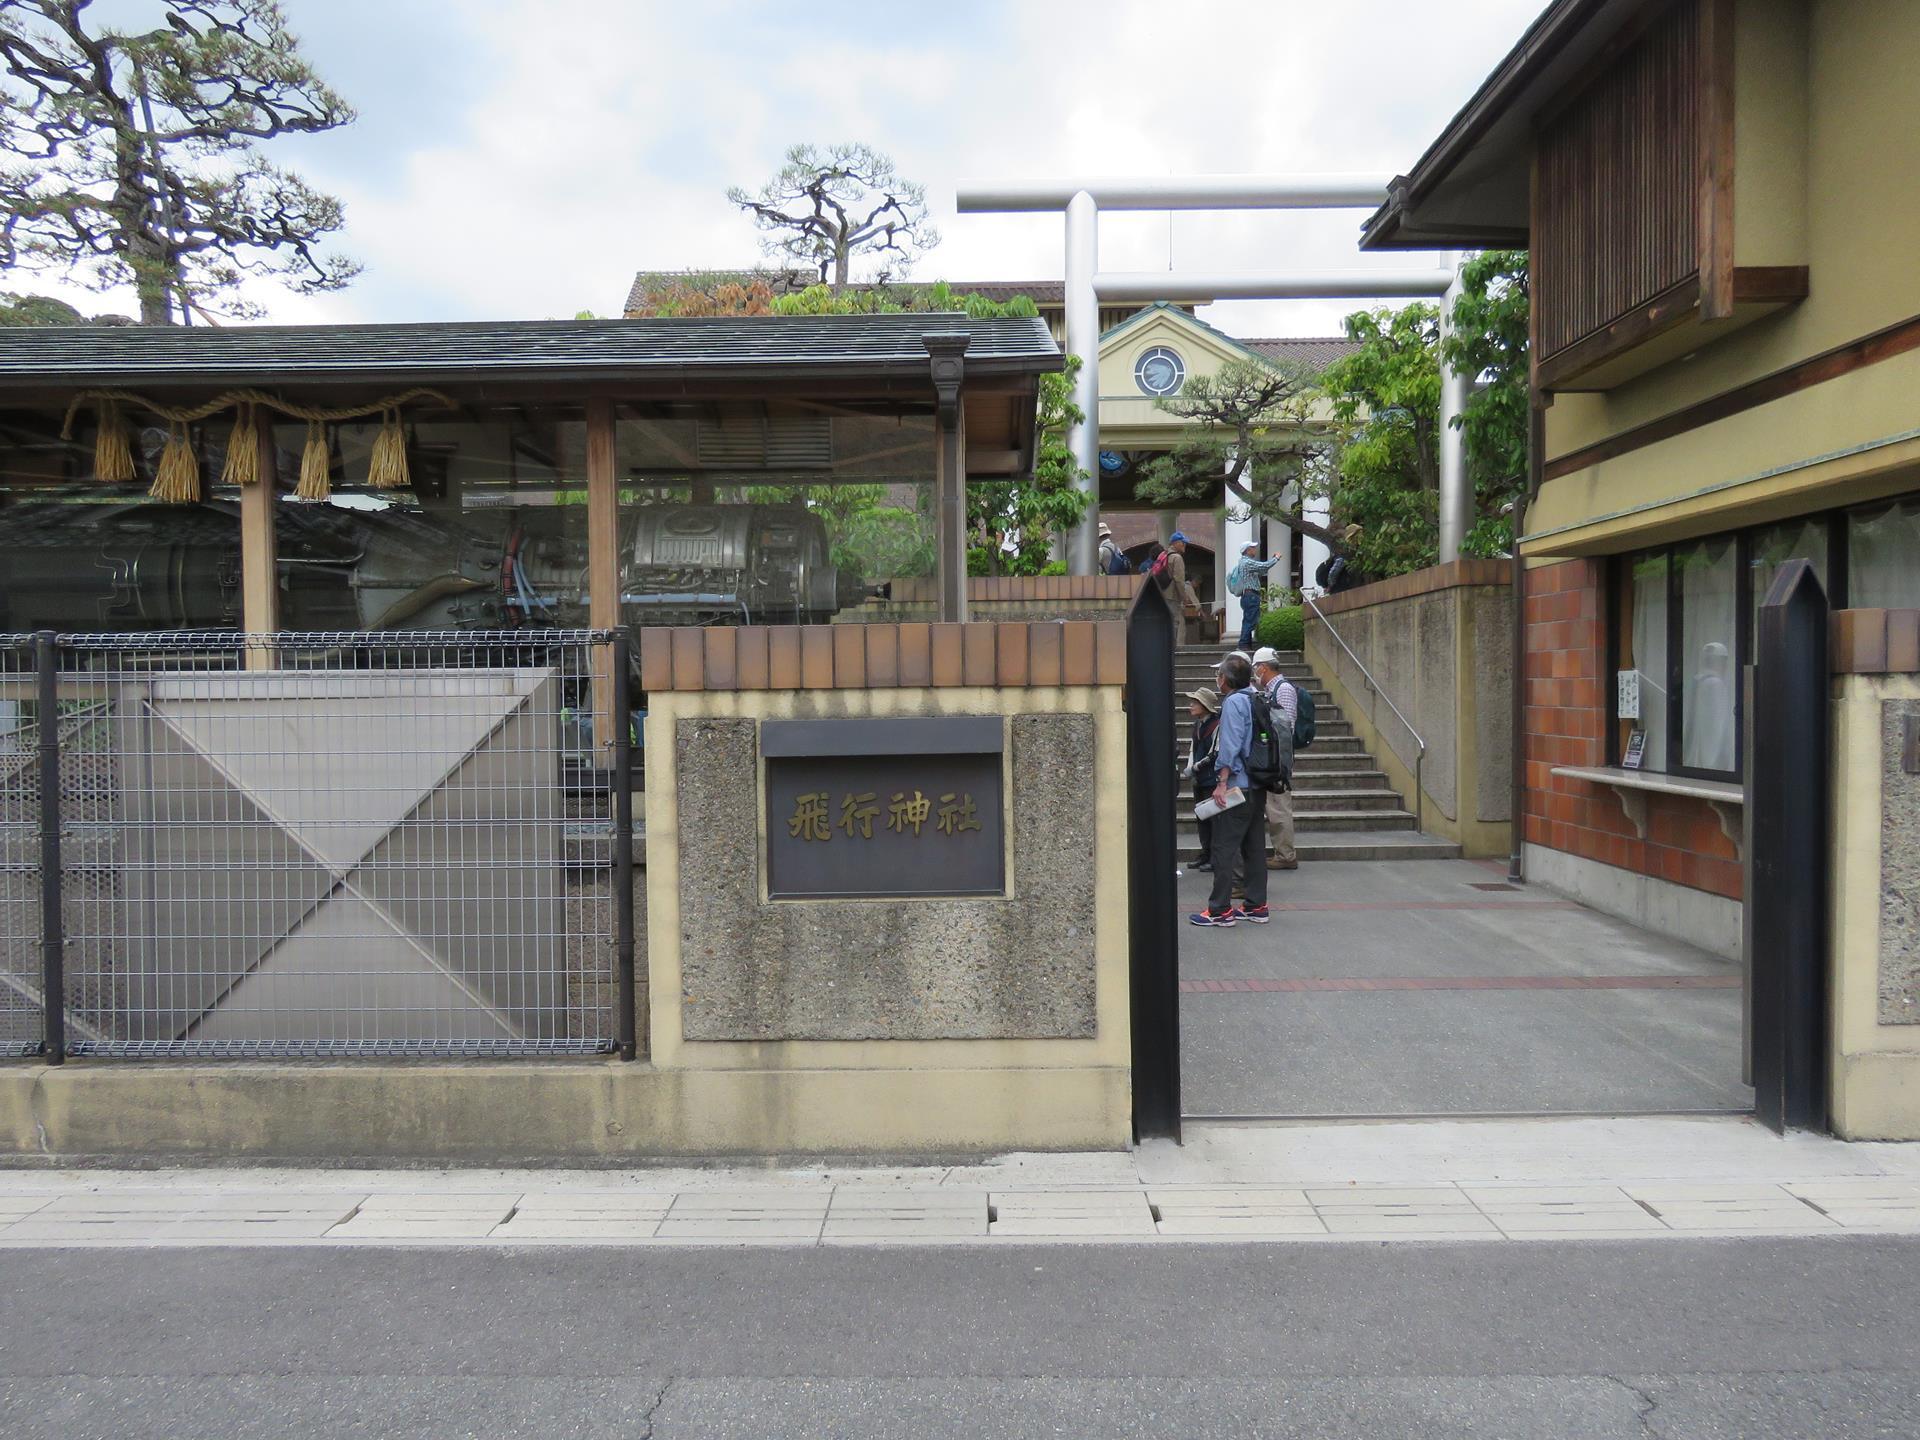 s-飛行神社